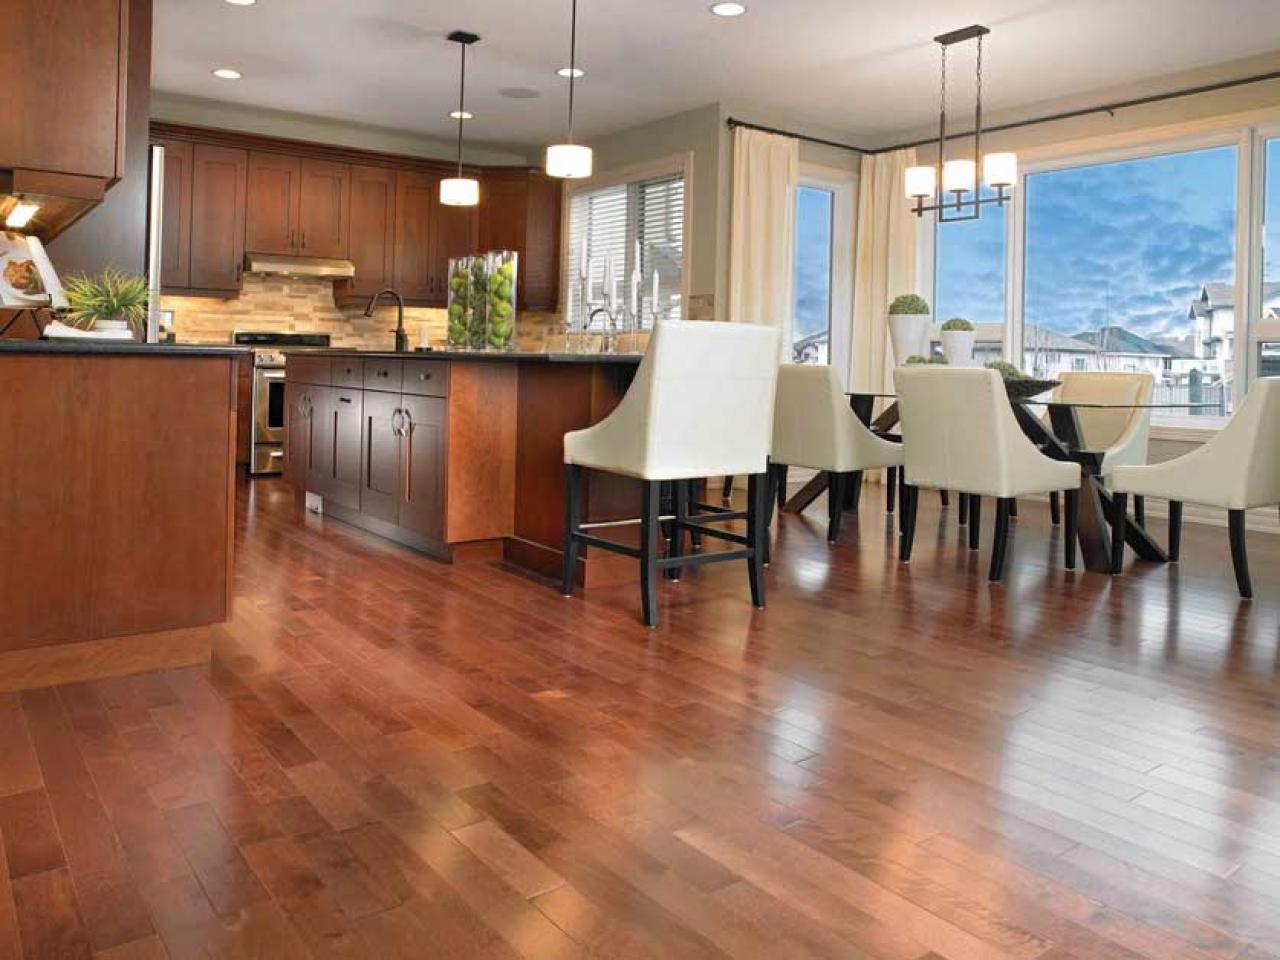 hardwood-floor-refinishing-chicago